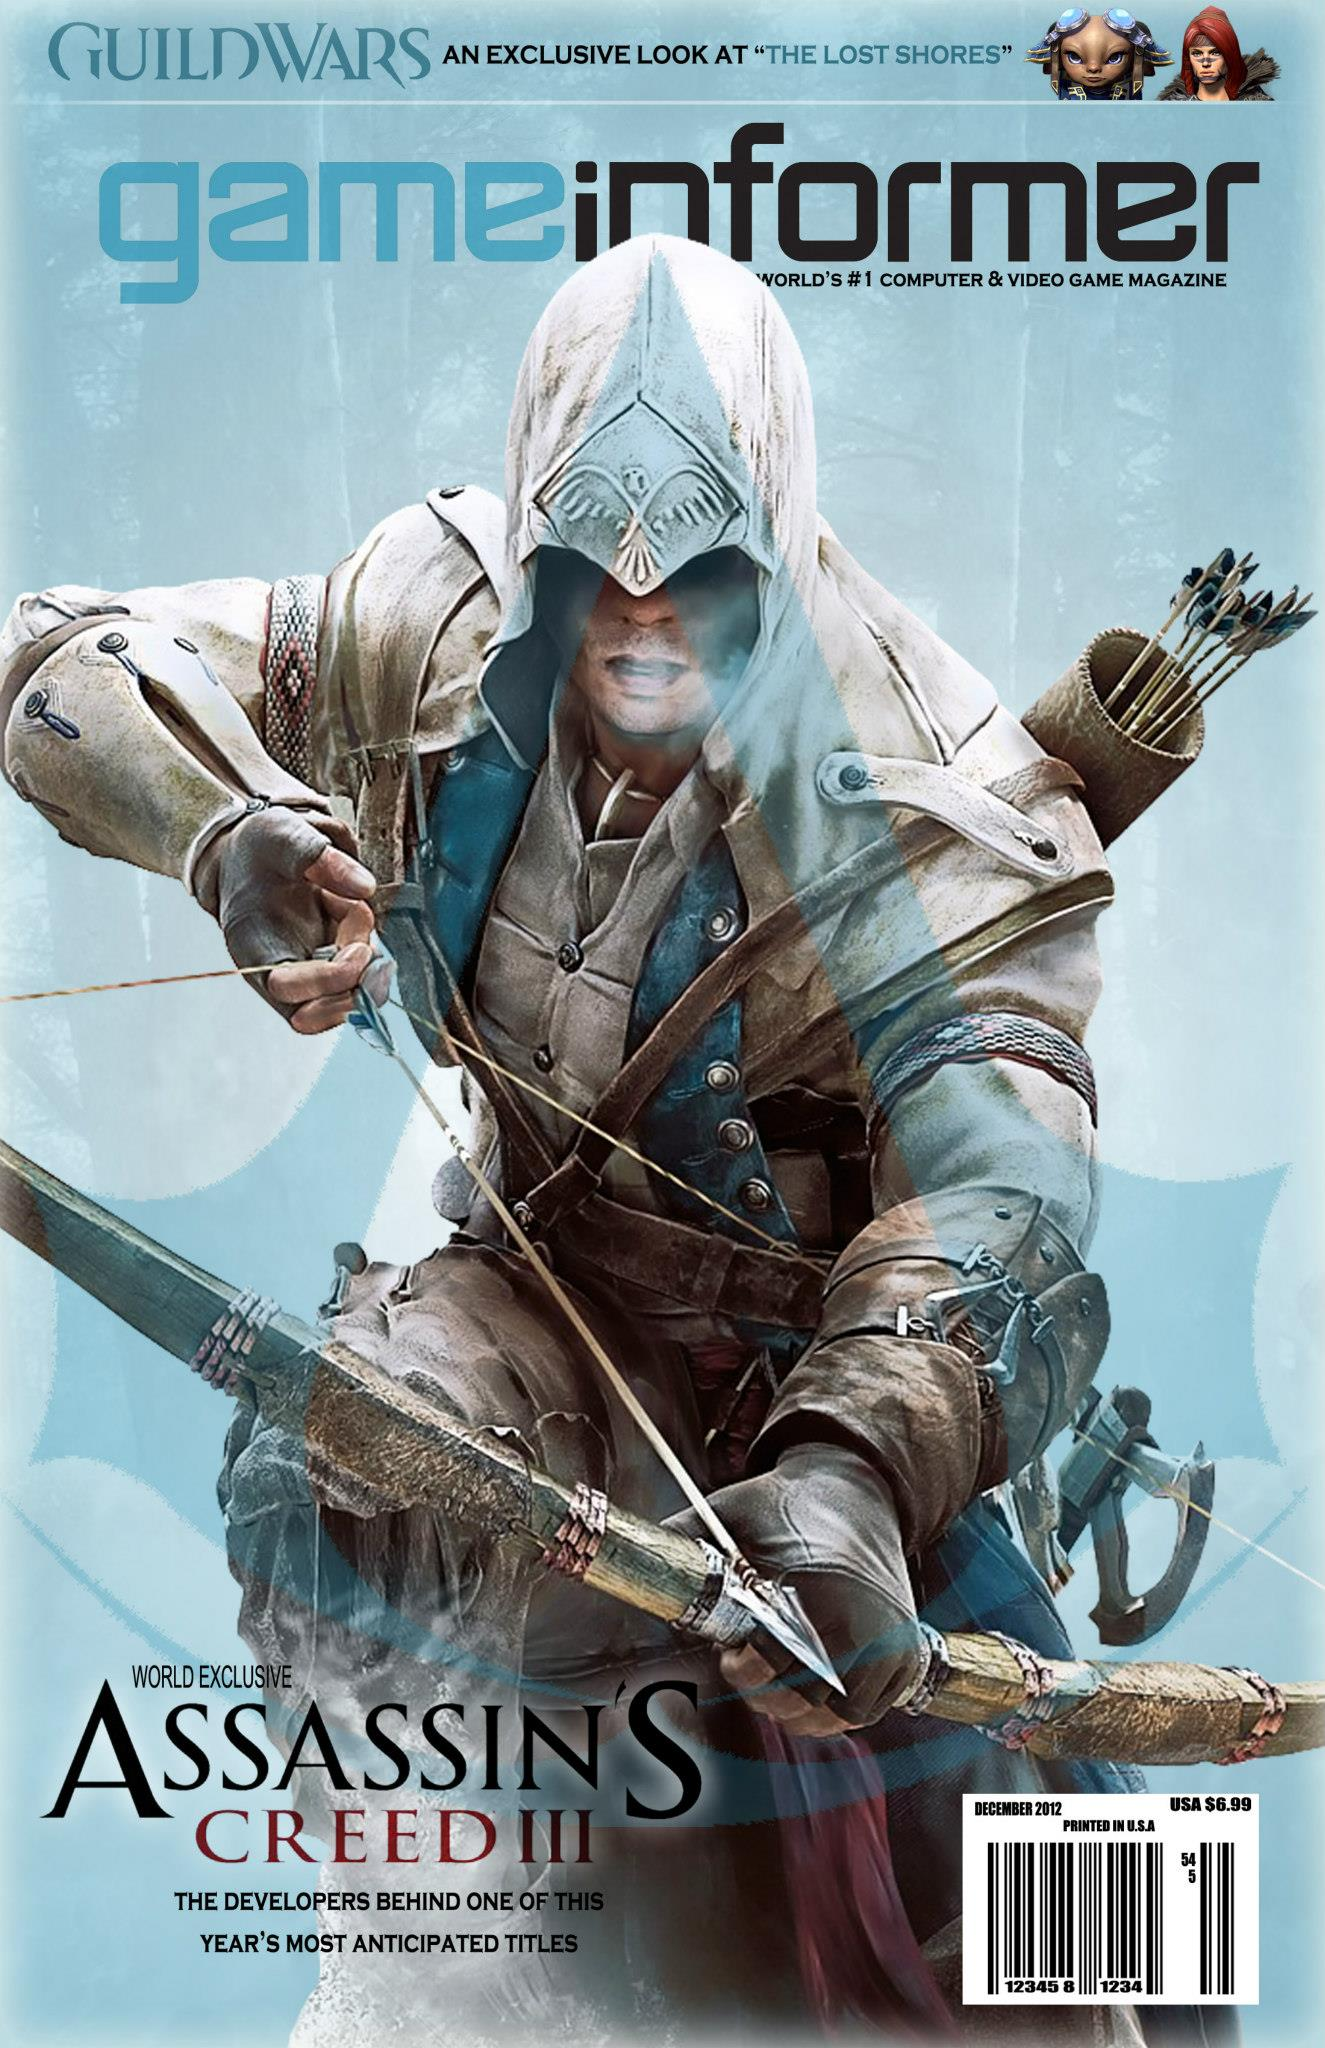 Релиз игры состоится весной 2013 года на ps3 и xbox 360